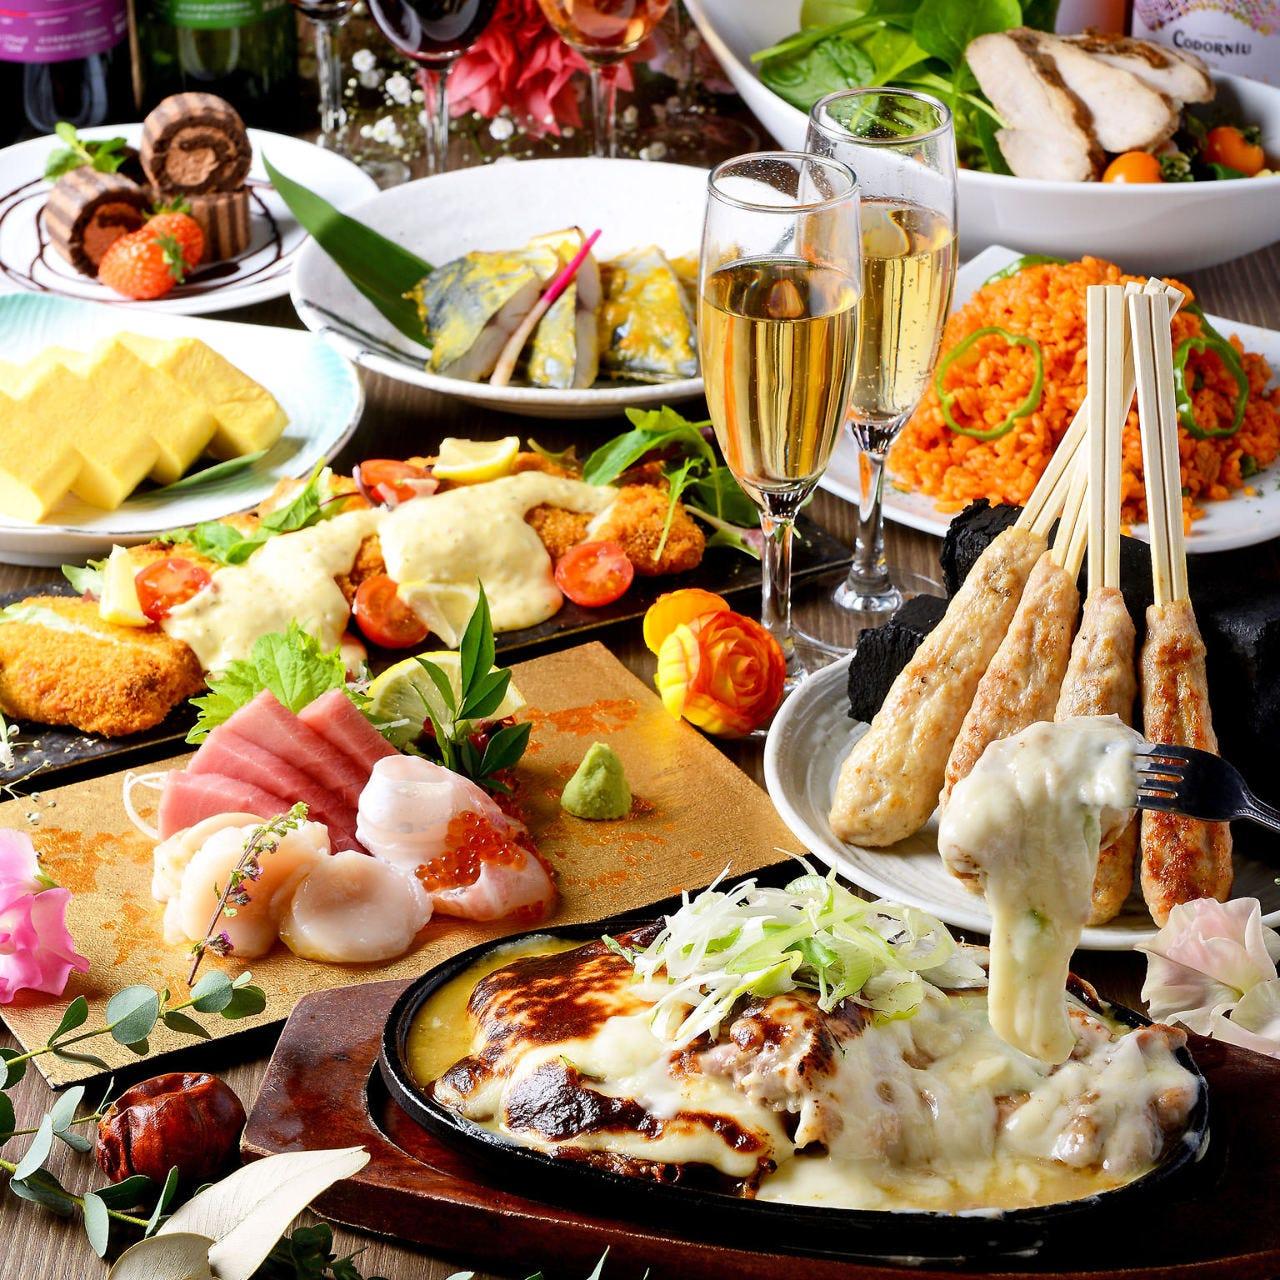 10月【2h飲み放題】お造り三種、つくね串、奥三河鶏ステーキなど【坊主コース】3500円《全8品》